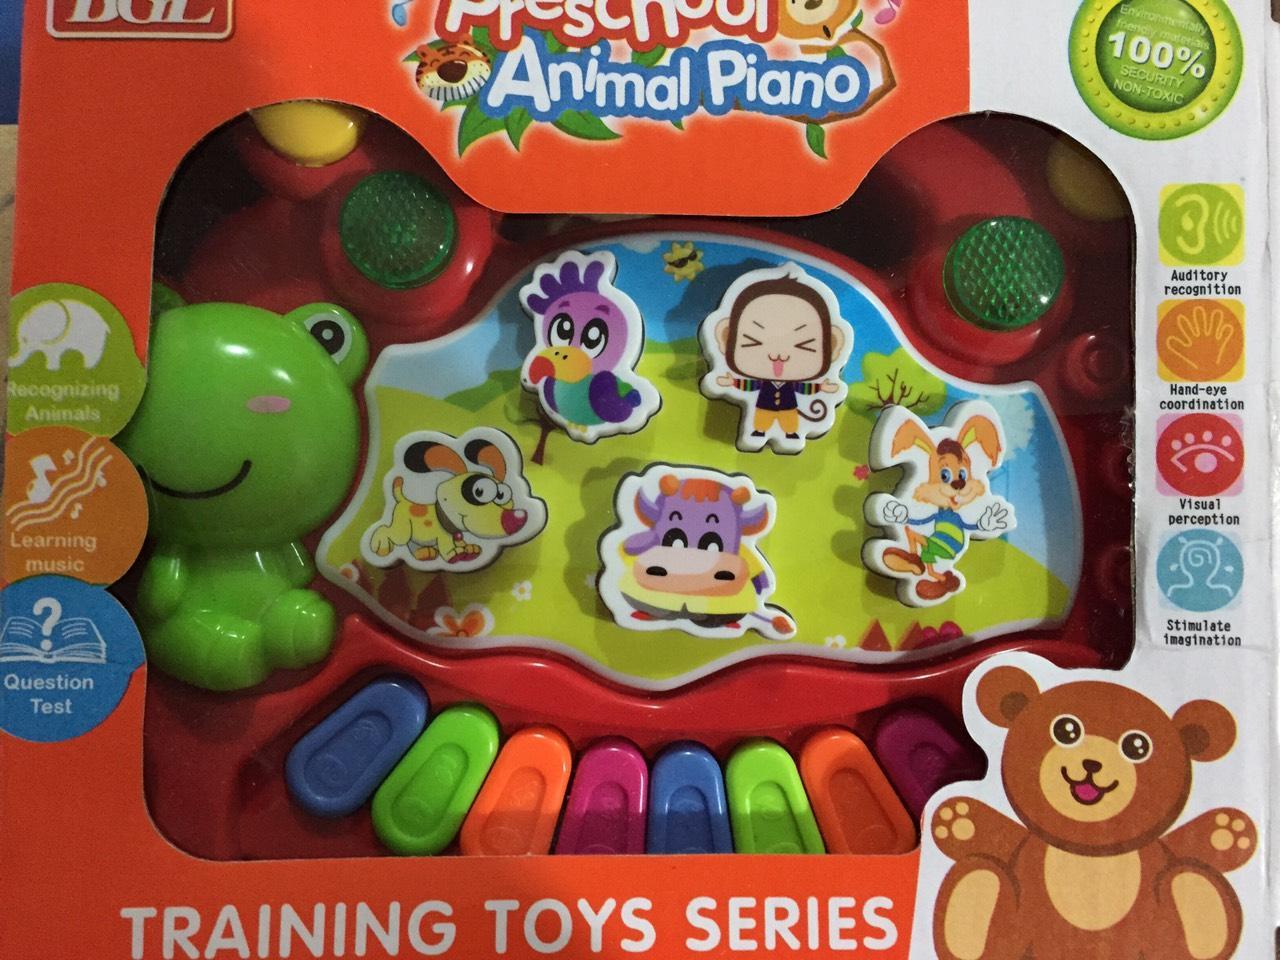 ออแกนเพลง / เสียงสัตว์ สำหรับเด็กเล็ก